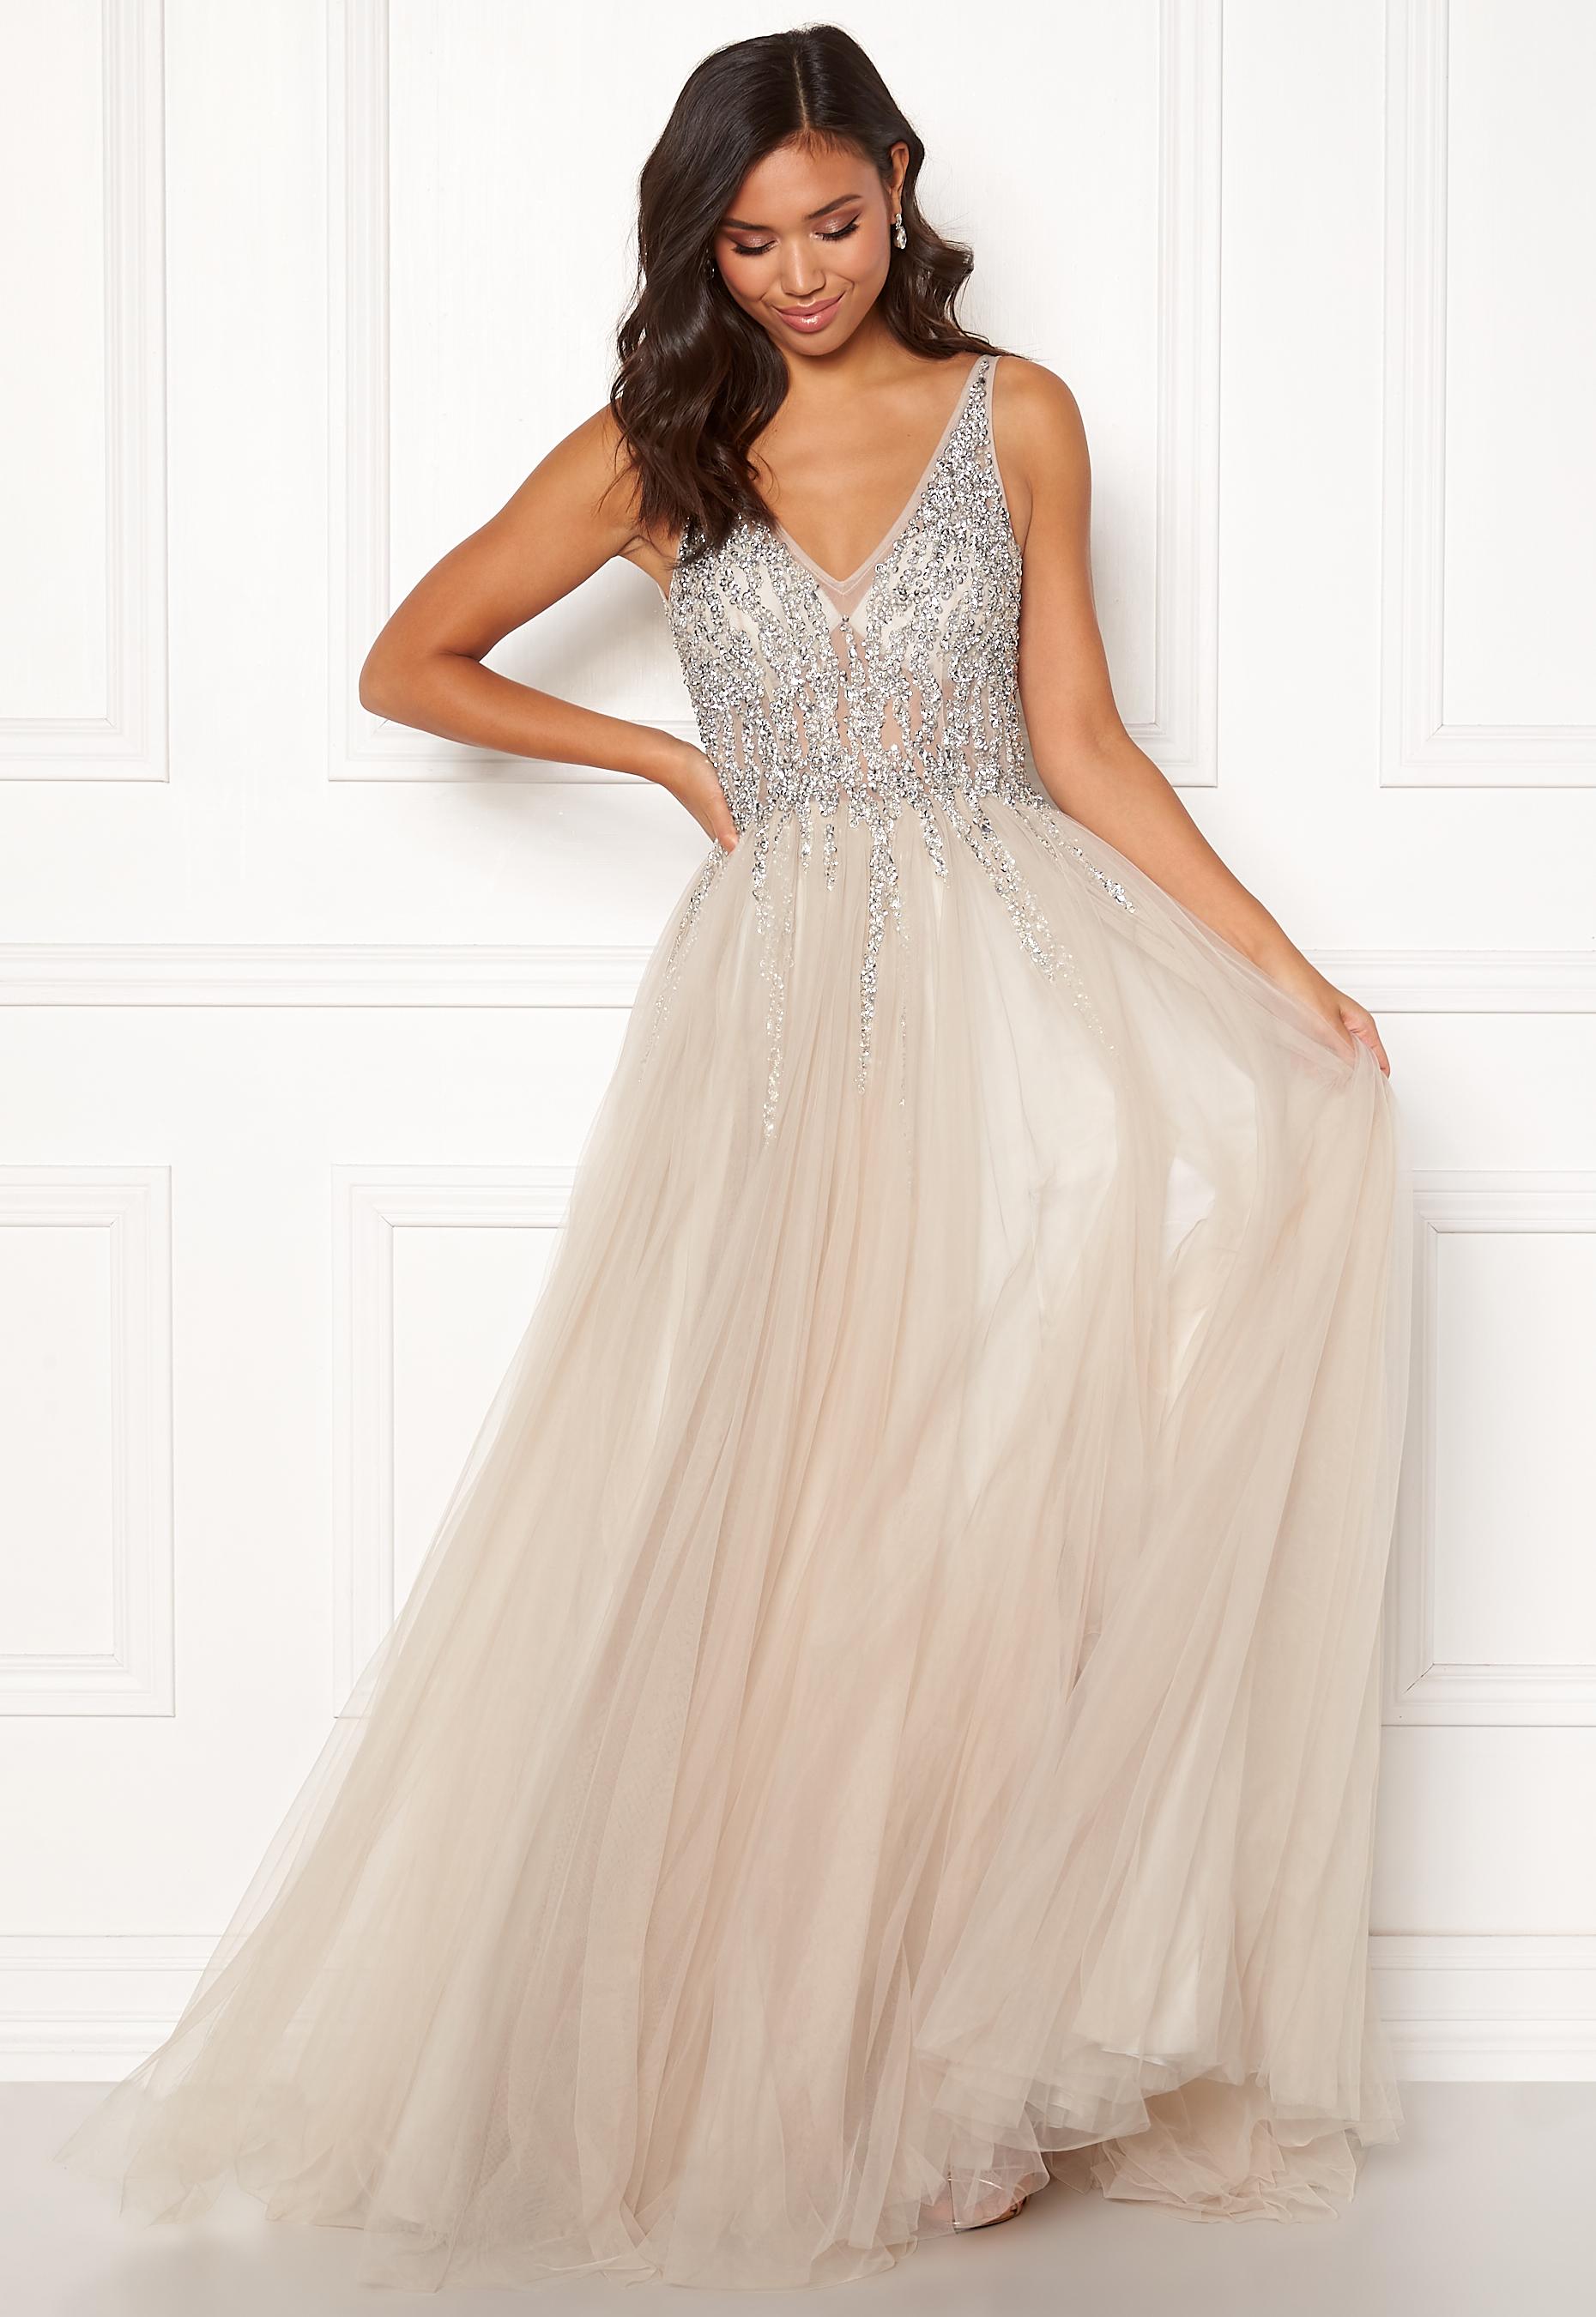 88b4909c7516 Christian Koehlert Sparkling Tulle Dream Dress Ghost Gray - Bubbleroom